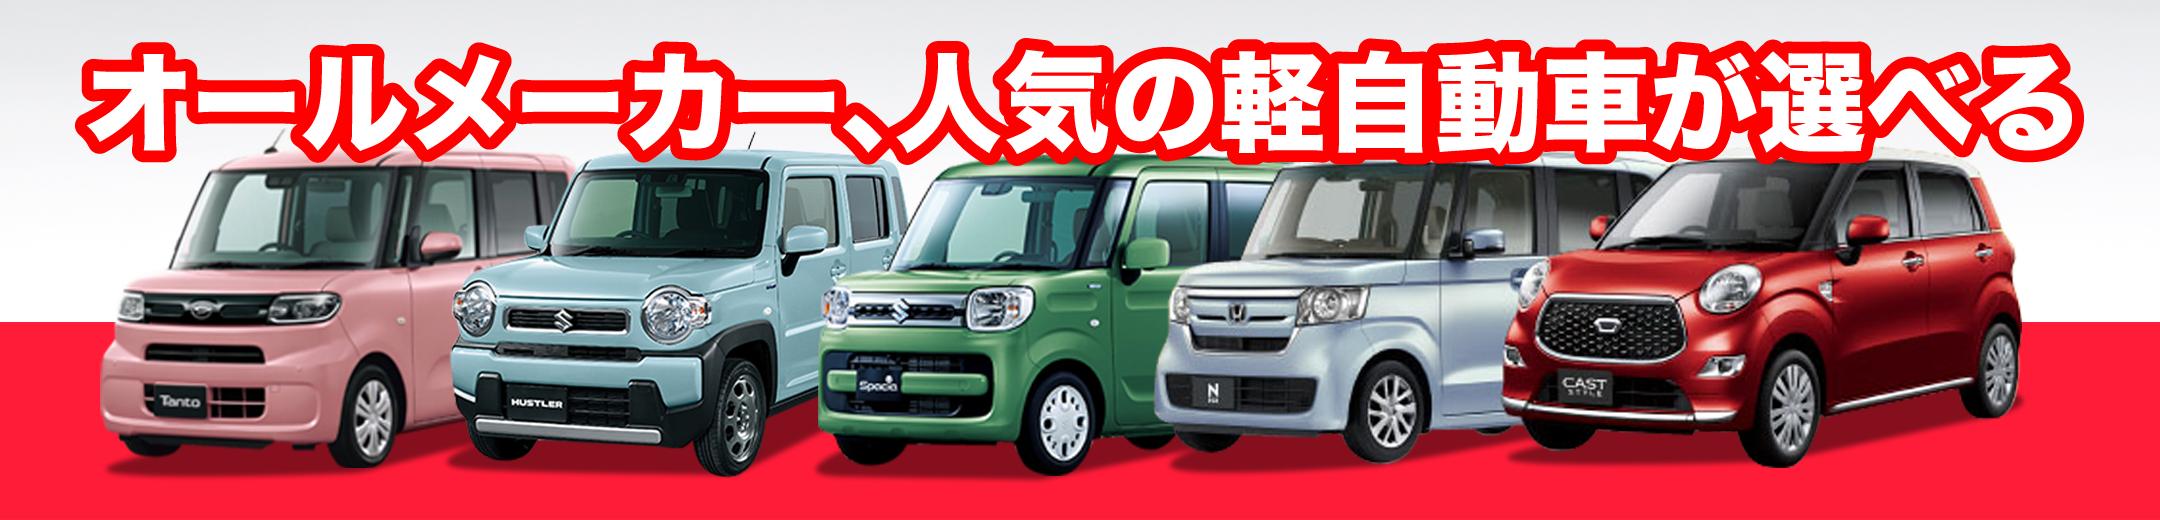 モビリティタウン熊本(旧イマムラオート)・フラット7熊本の取扱車種